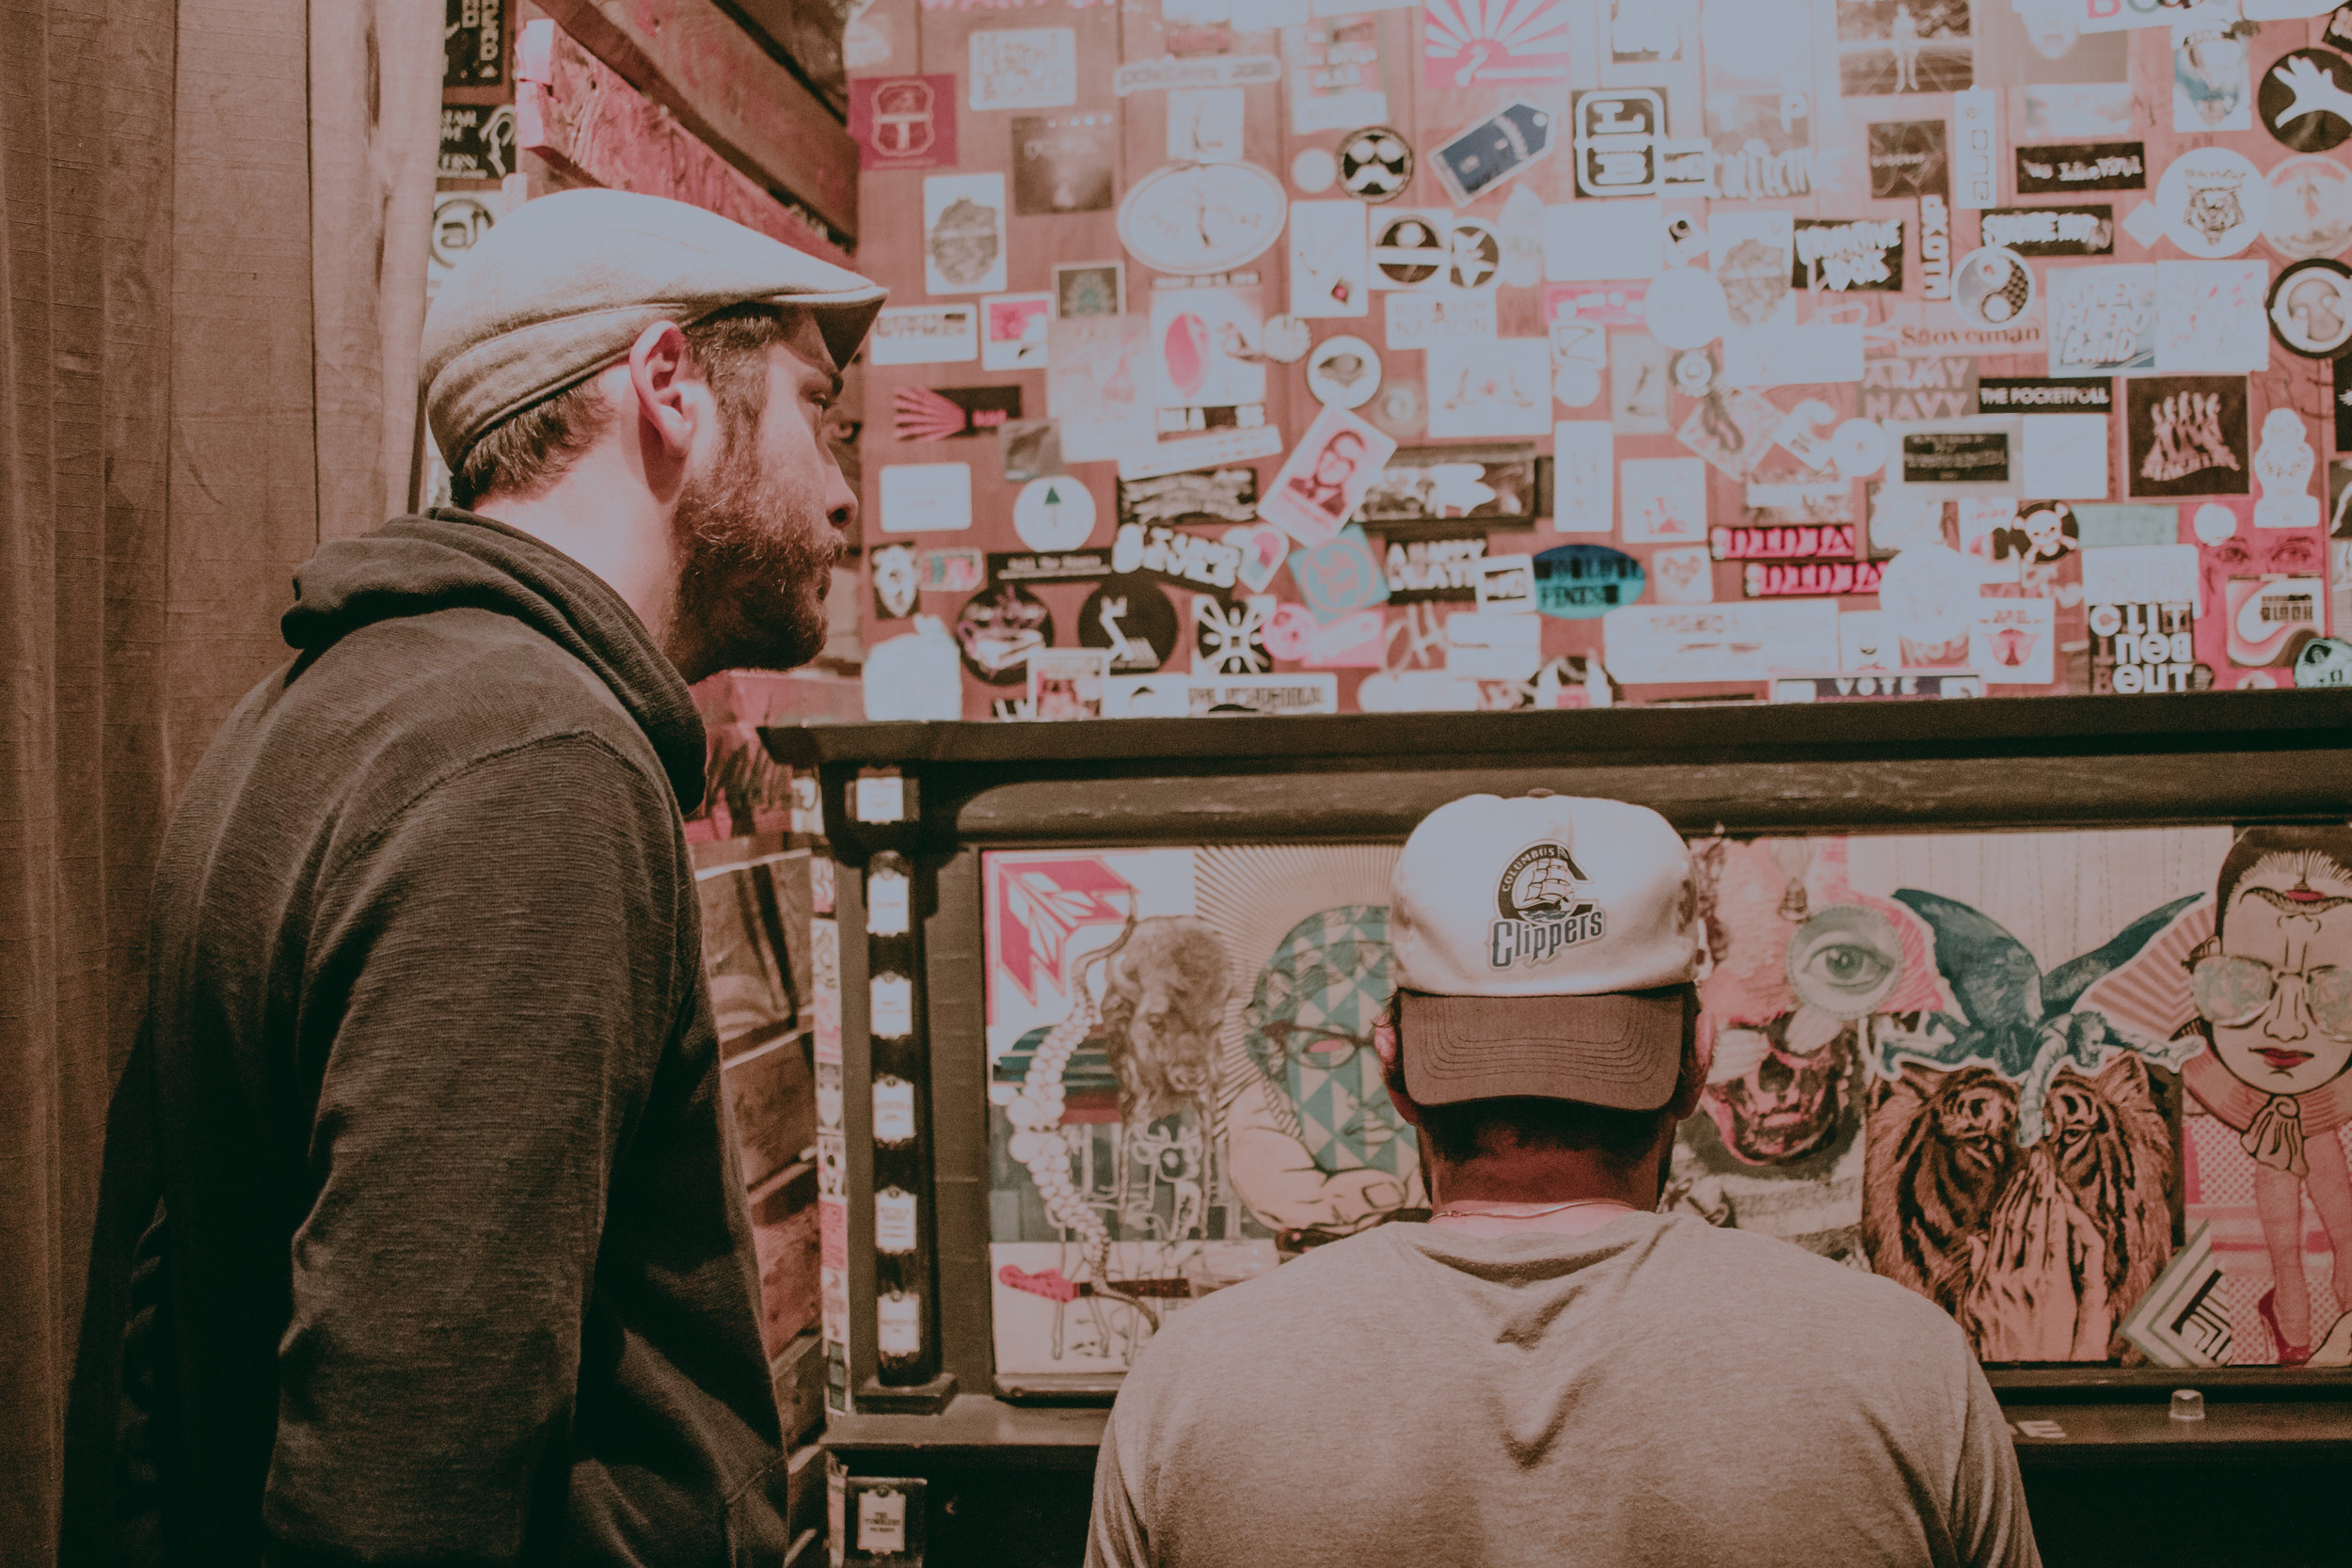 Show #7: Doug Fir Lounge - Portland, Oregon